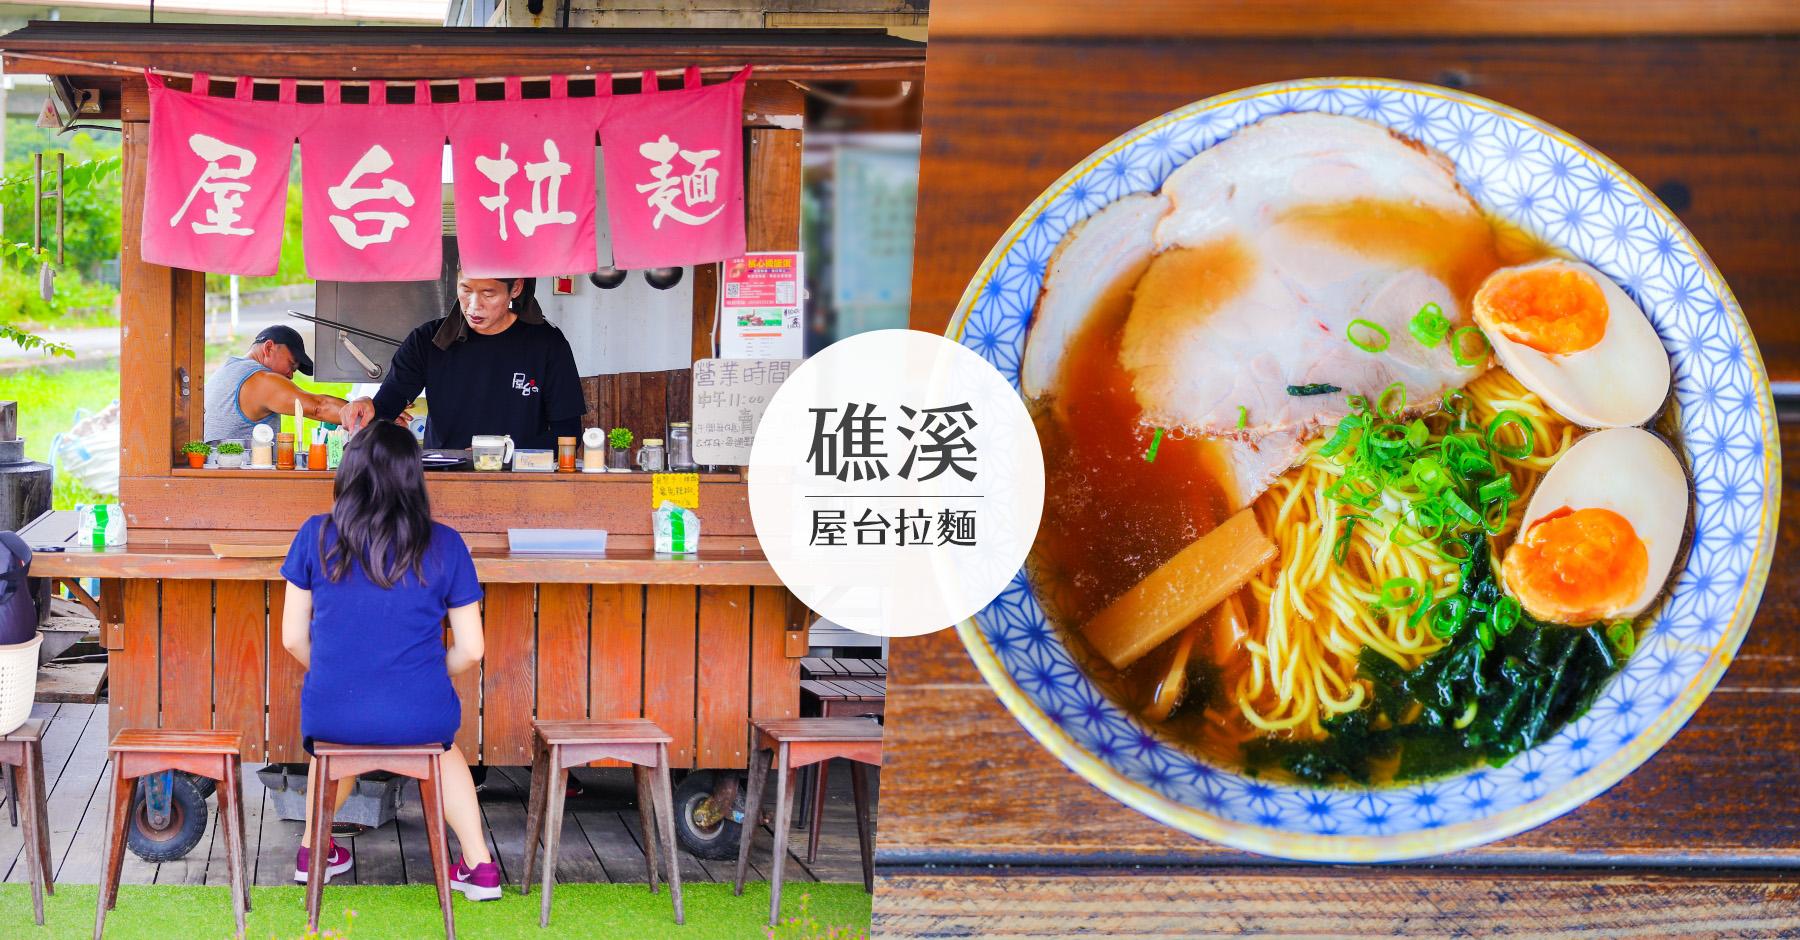 宜蘭礁溪拉麵推薦|屋台拉麵|秒飛日本必吃濃郁豚骨拉麵及和風櫻桃鴨&菜單